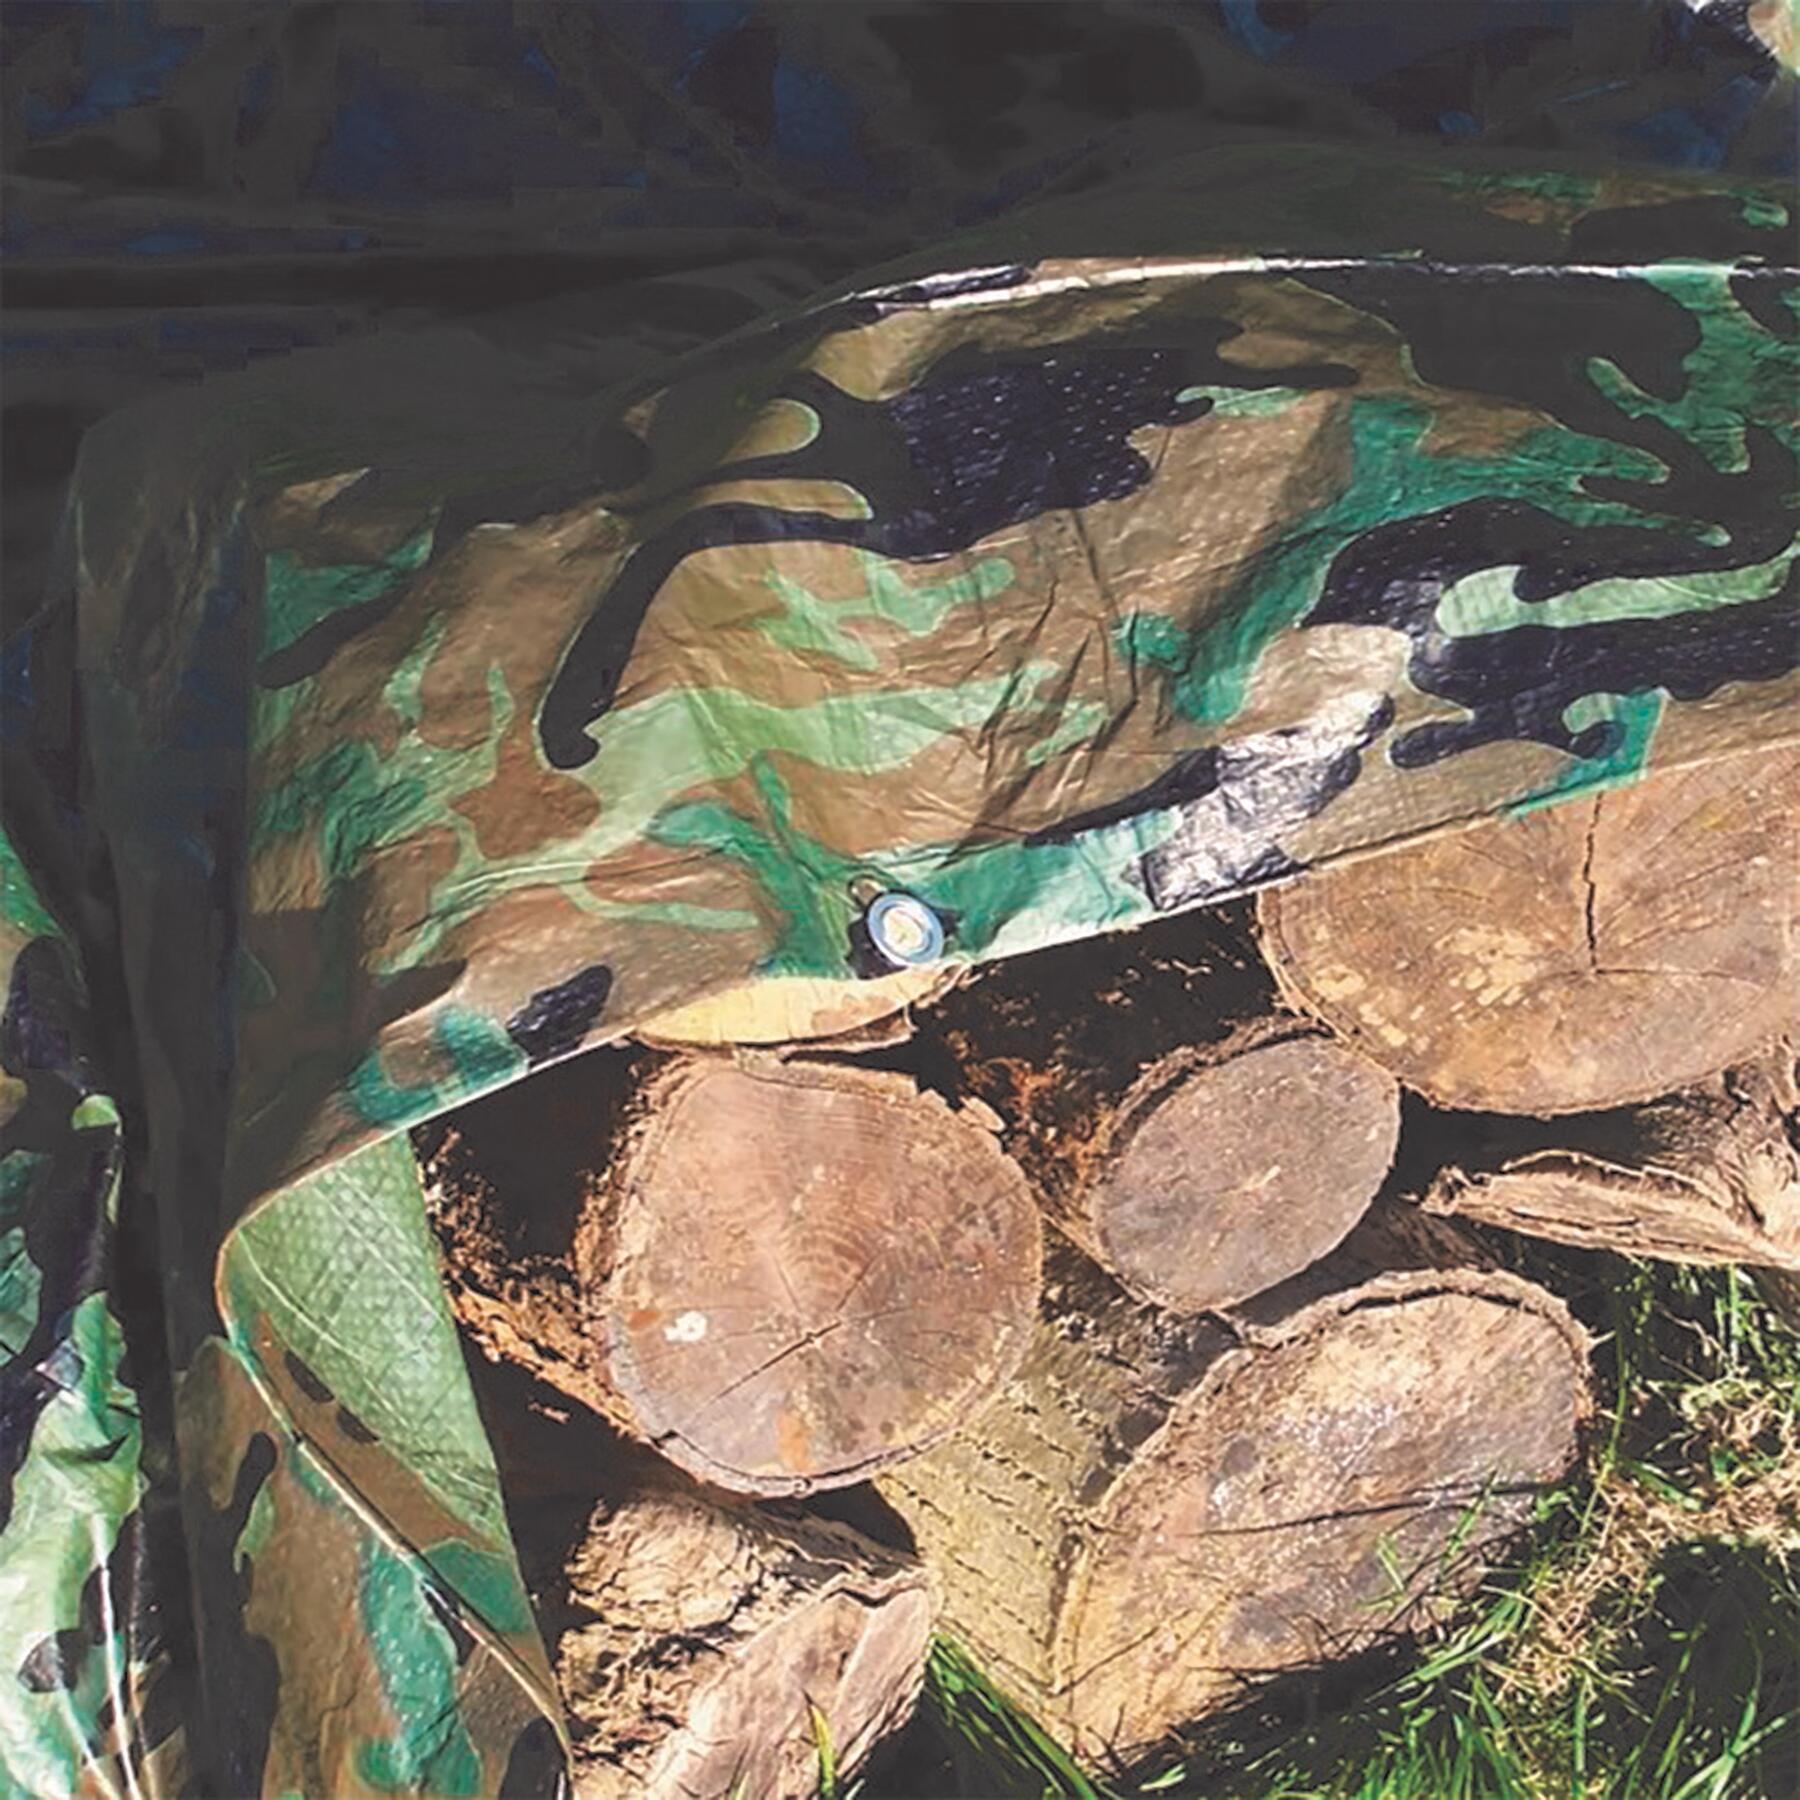 Telo protettivo in polietilene occhiellato L 3 m x H 400 cm 90 g/m² - 4